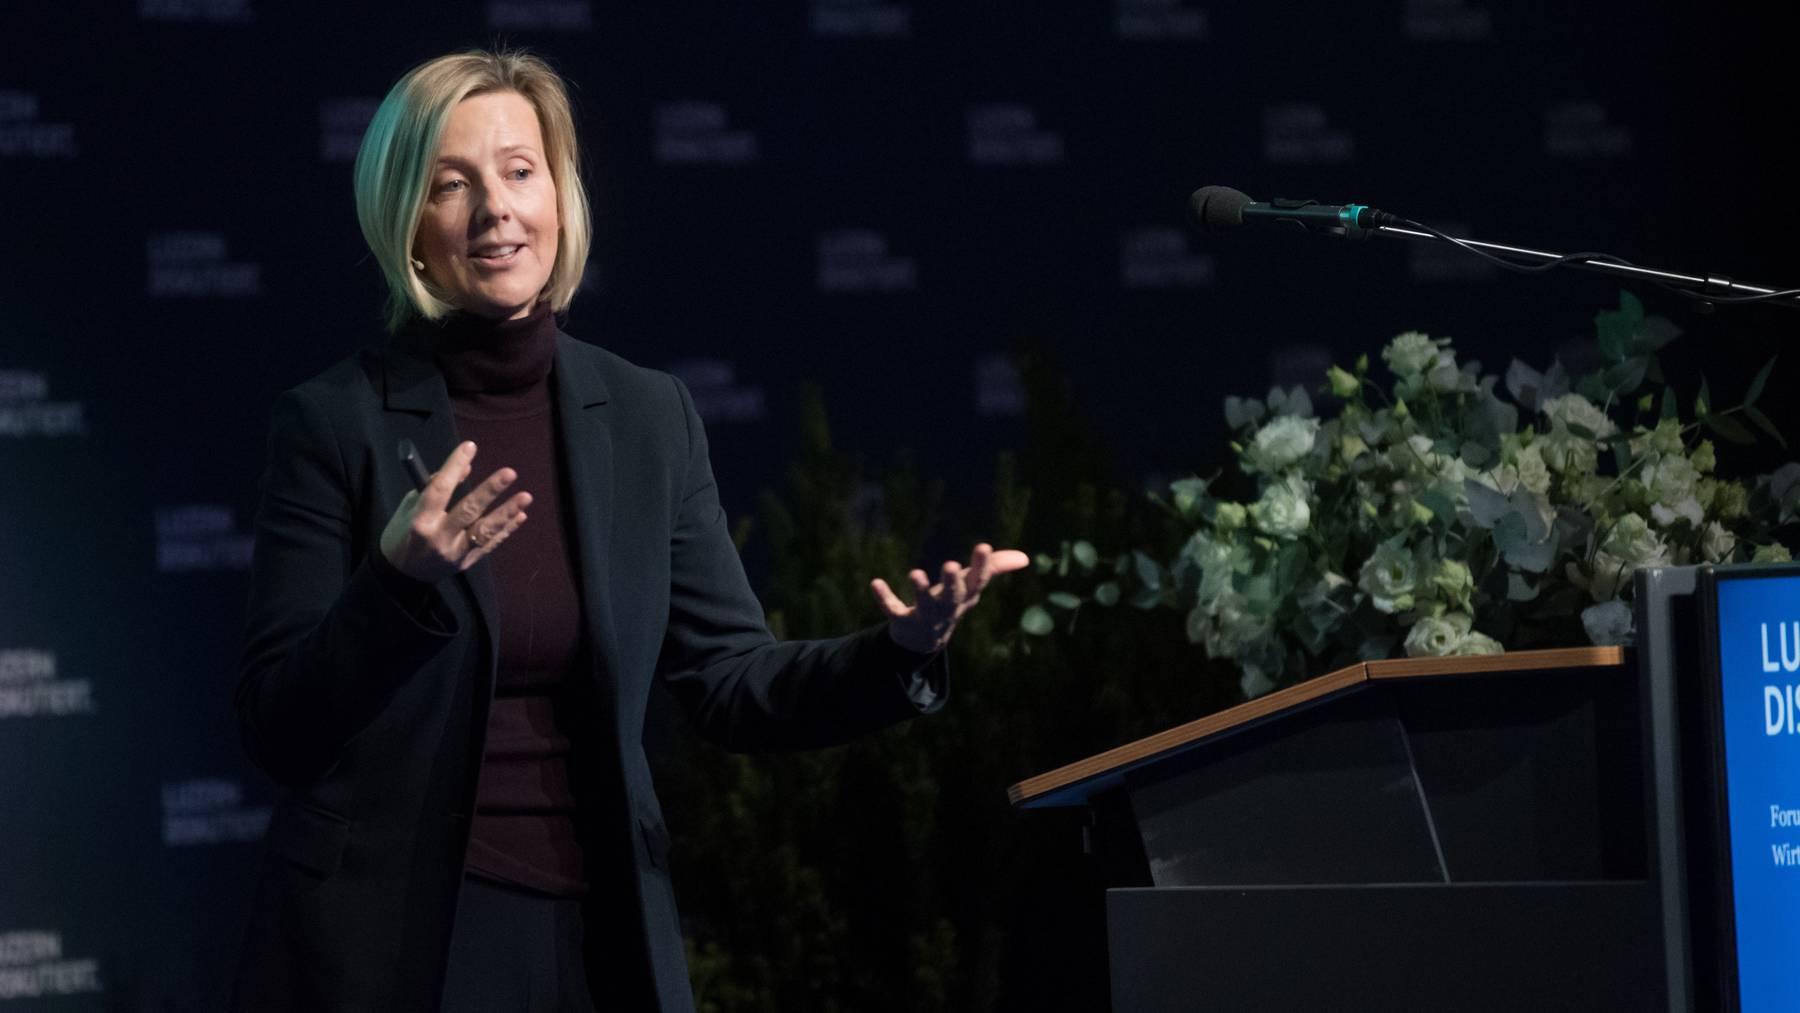 Neu im Stiftungsrat von Lucerne Festival: Marianne Janik, seit fünf Jahren Geschäftsführerin von Microsoft Schweiz.